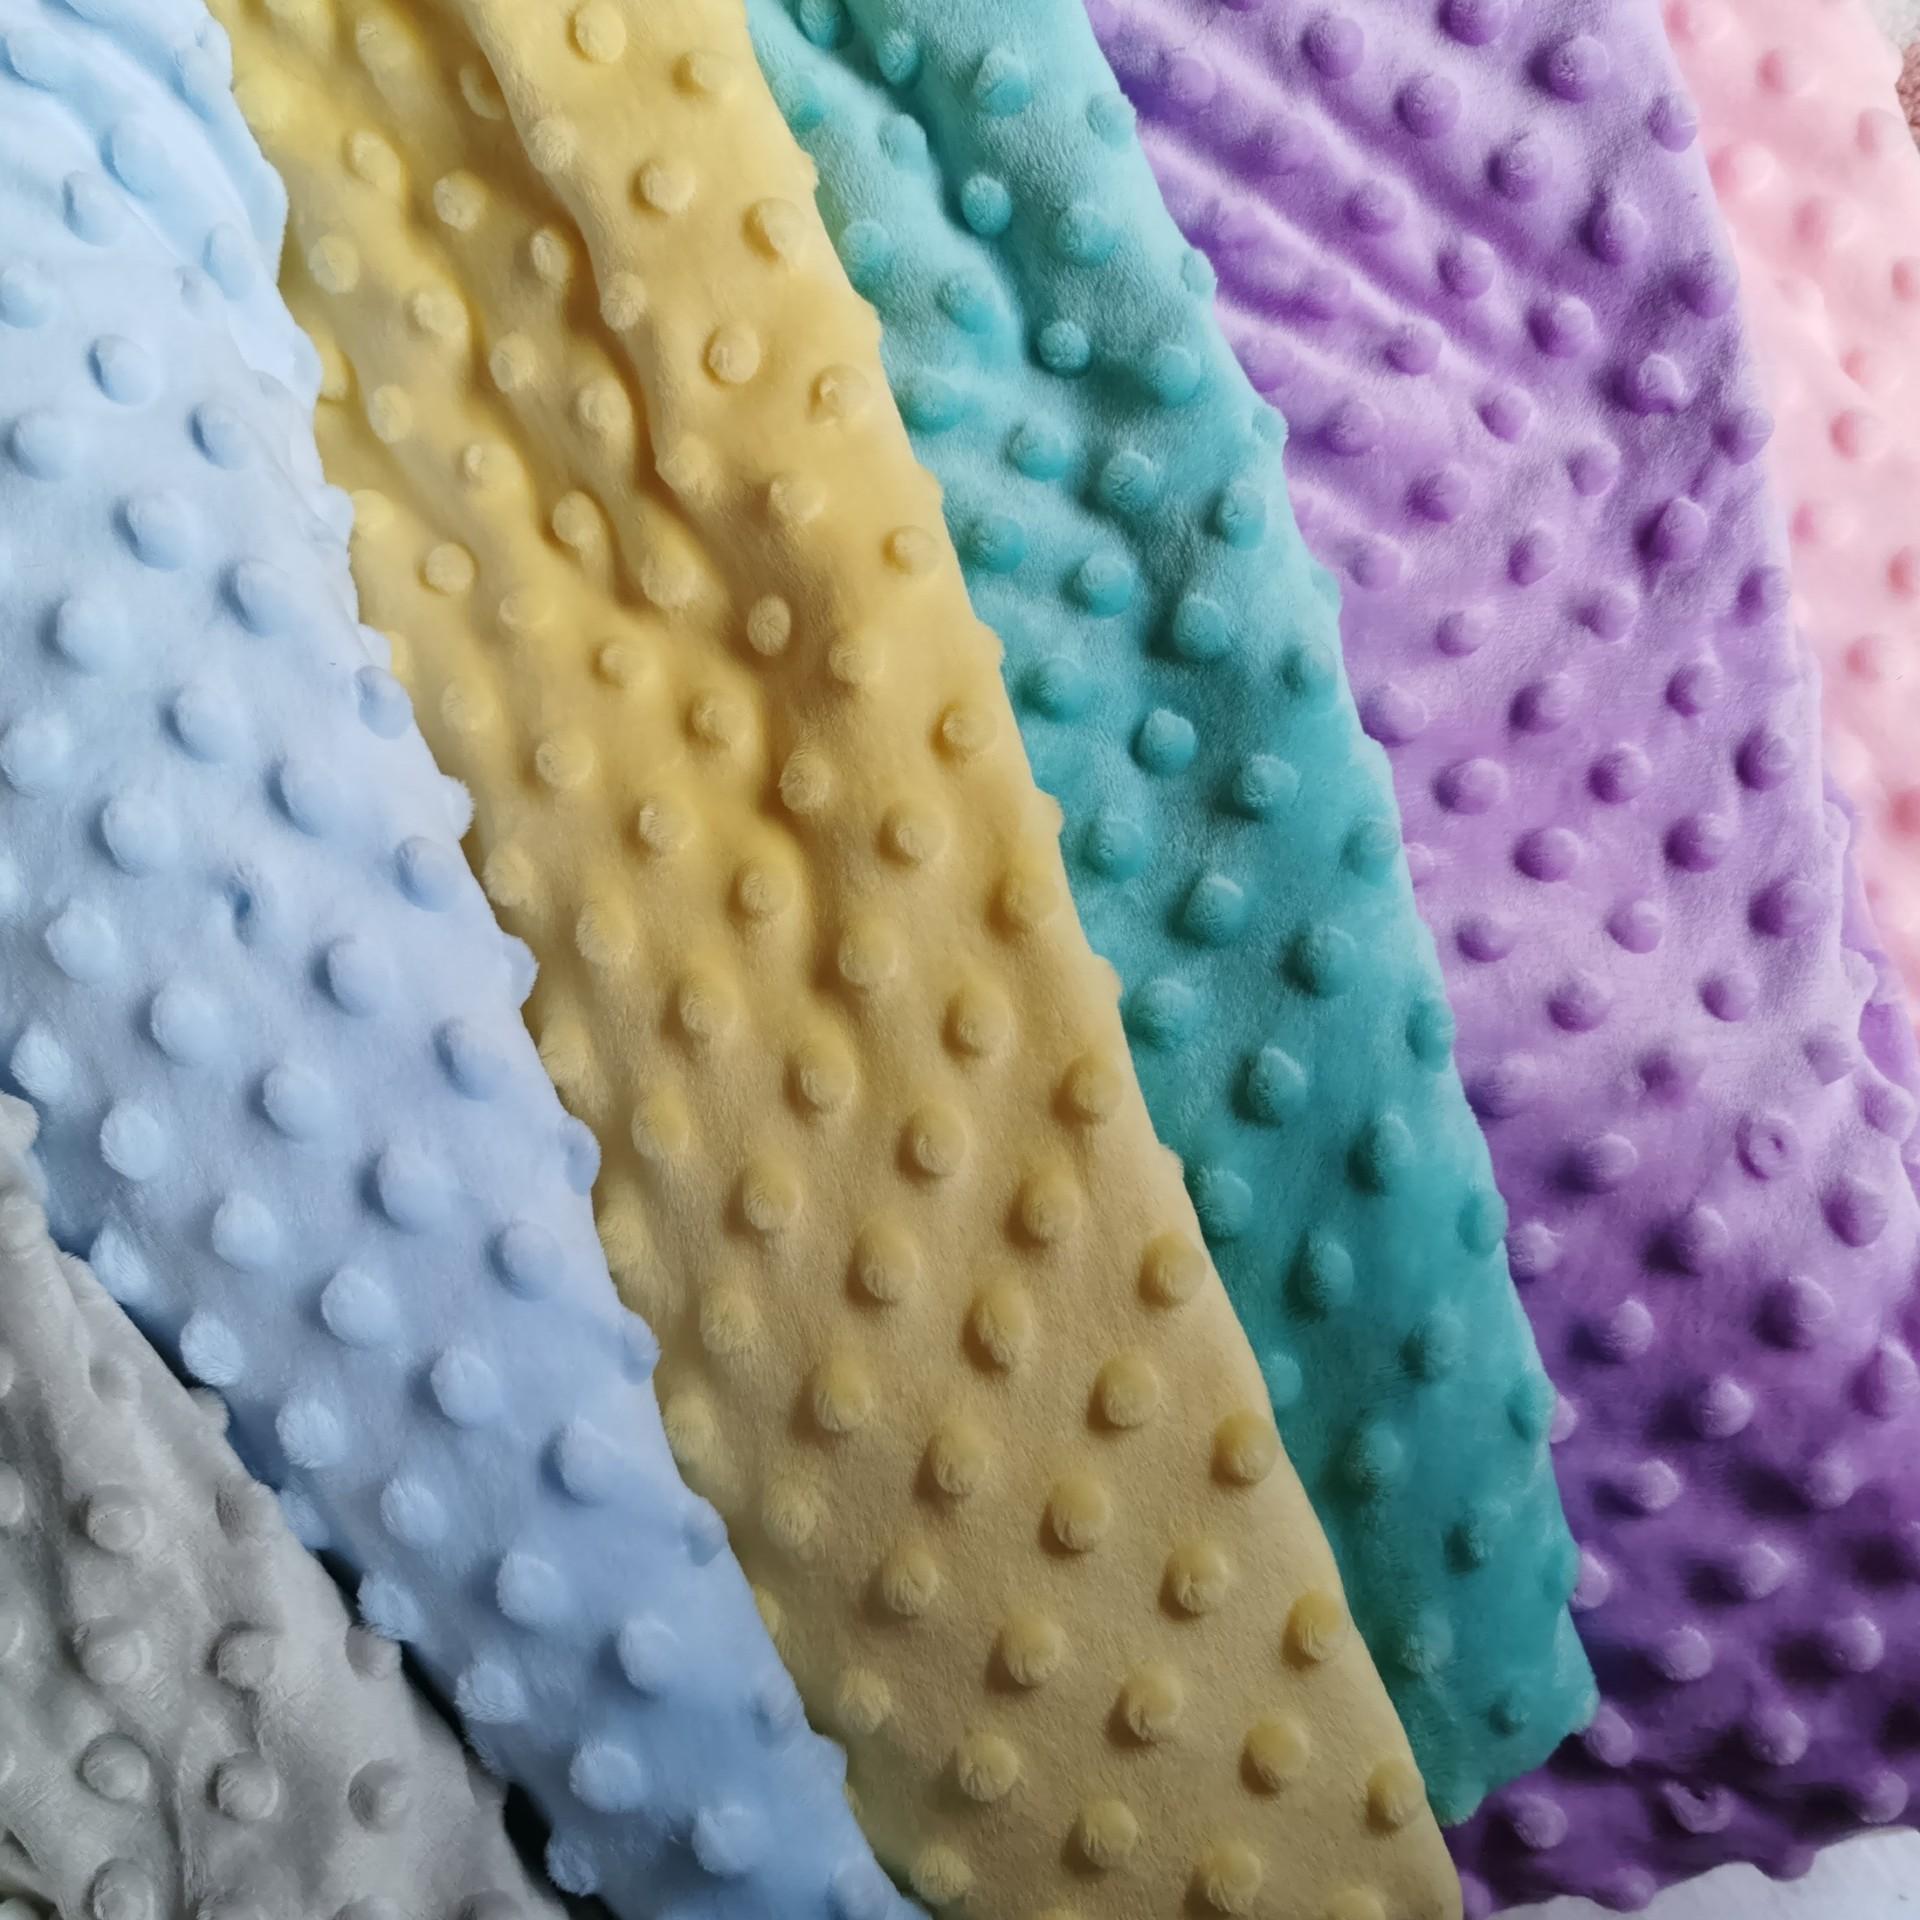 現貨水晶超柔壓泡絨 壓泡泡豆豆絨 嬰兒安撫毛毯玩具童裝絨布面料